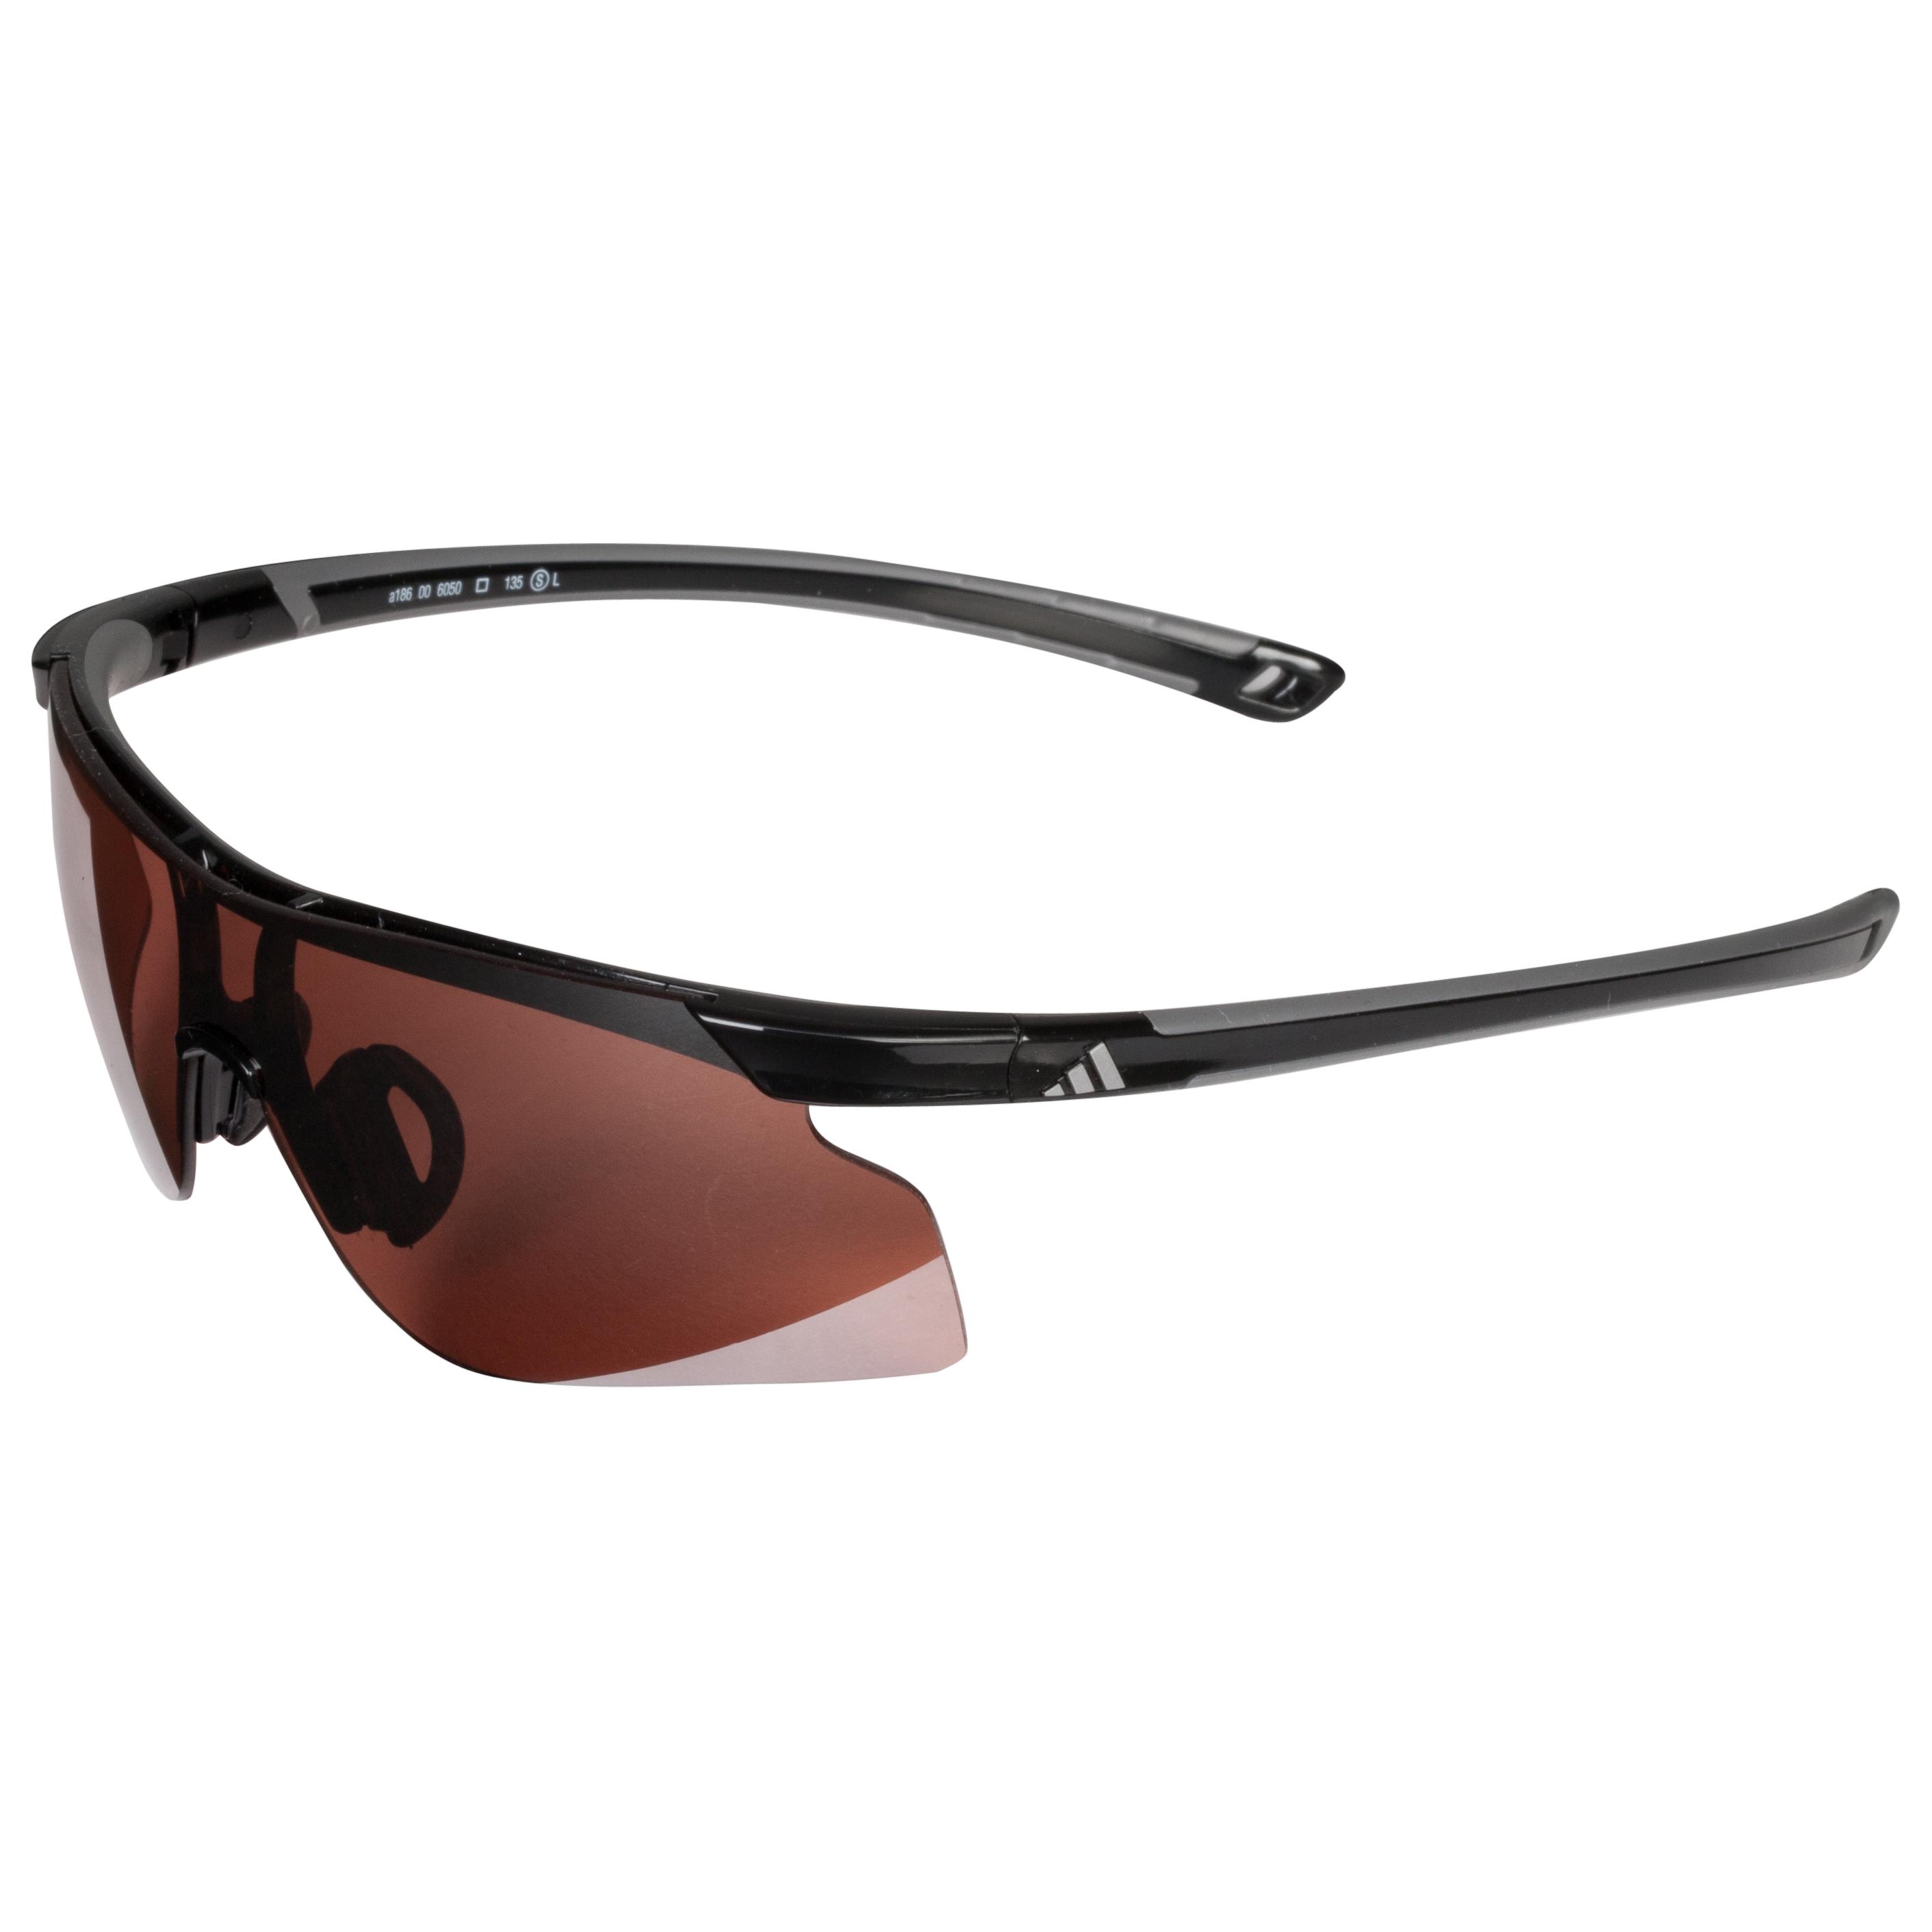 Adidas Adizero Tempo Sunglasses - Black - Small